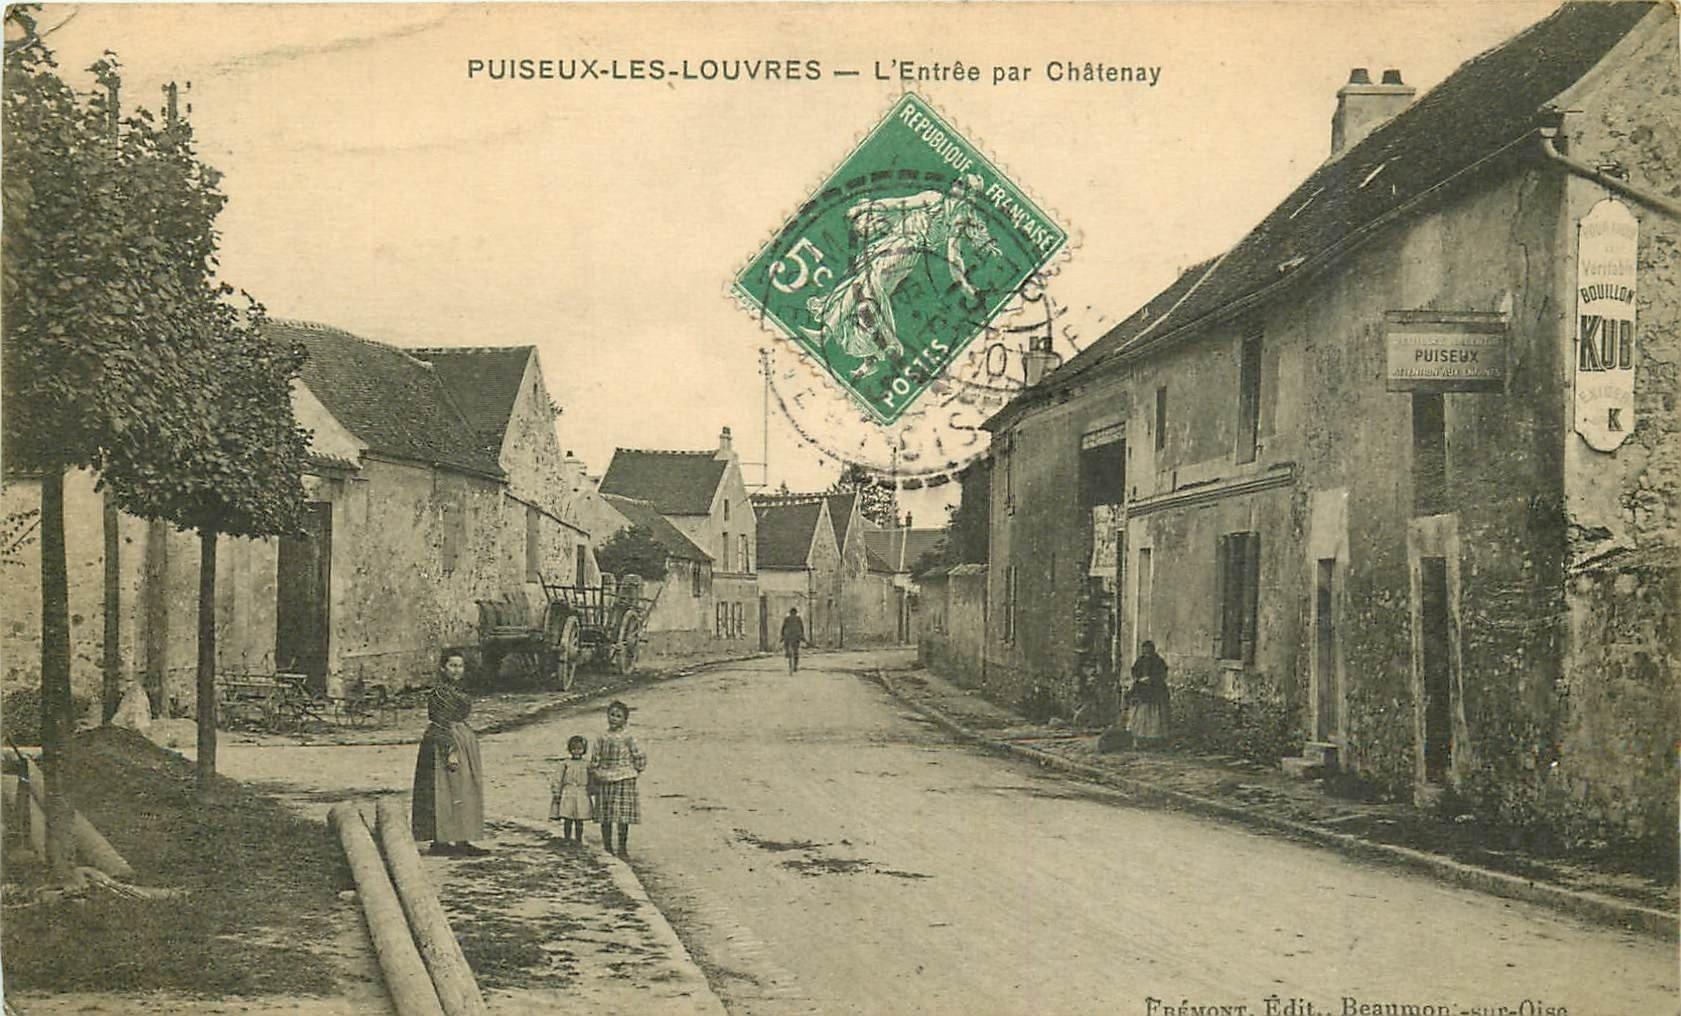 95 PUISEUX-LES-LOUVRES ou PUISEUX-EN-FRANCE. L'Entrée du Village par Châtenay 1913